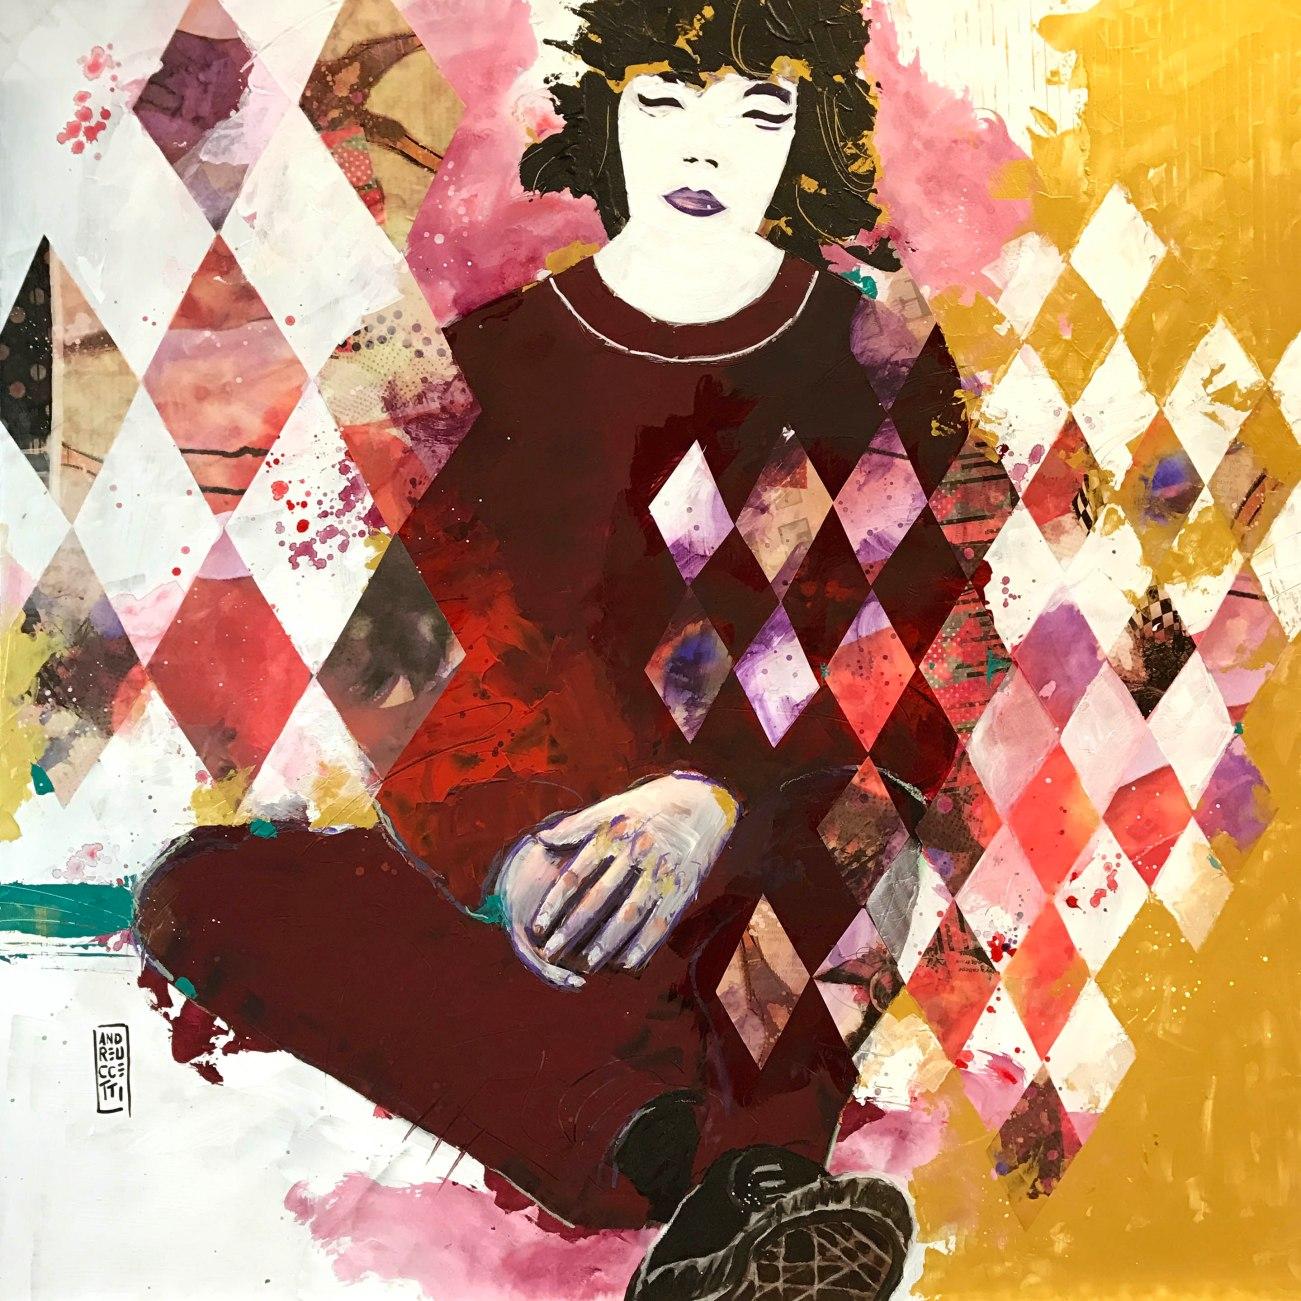 Acrylics and collage on forex board Acrilici e collage su pannello 65x65 cm